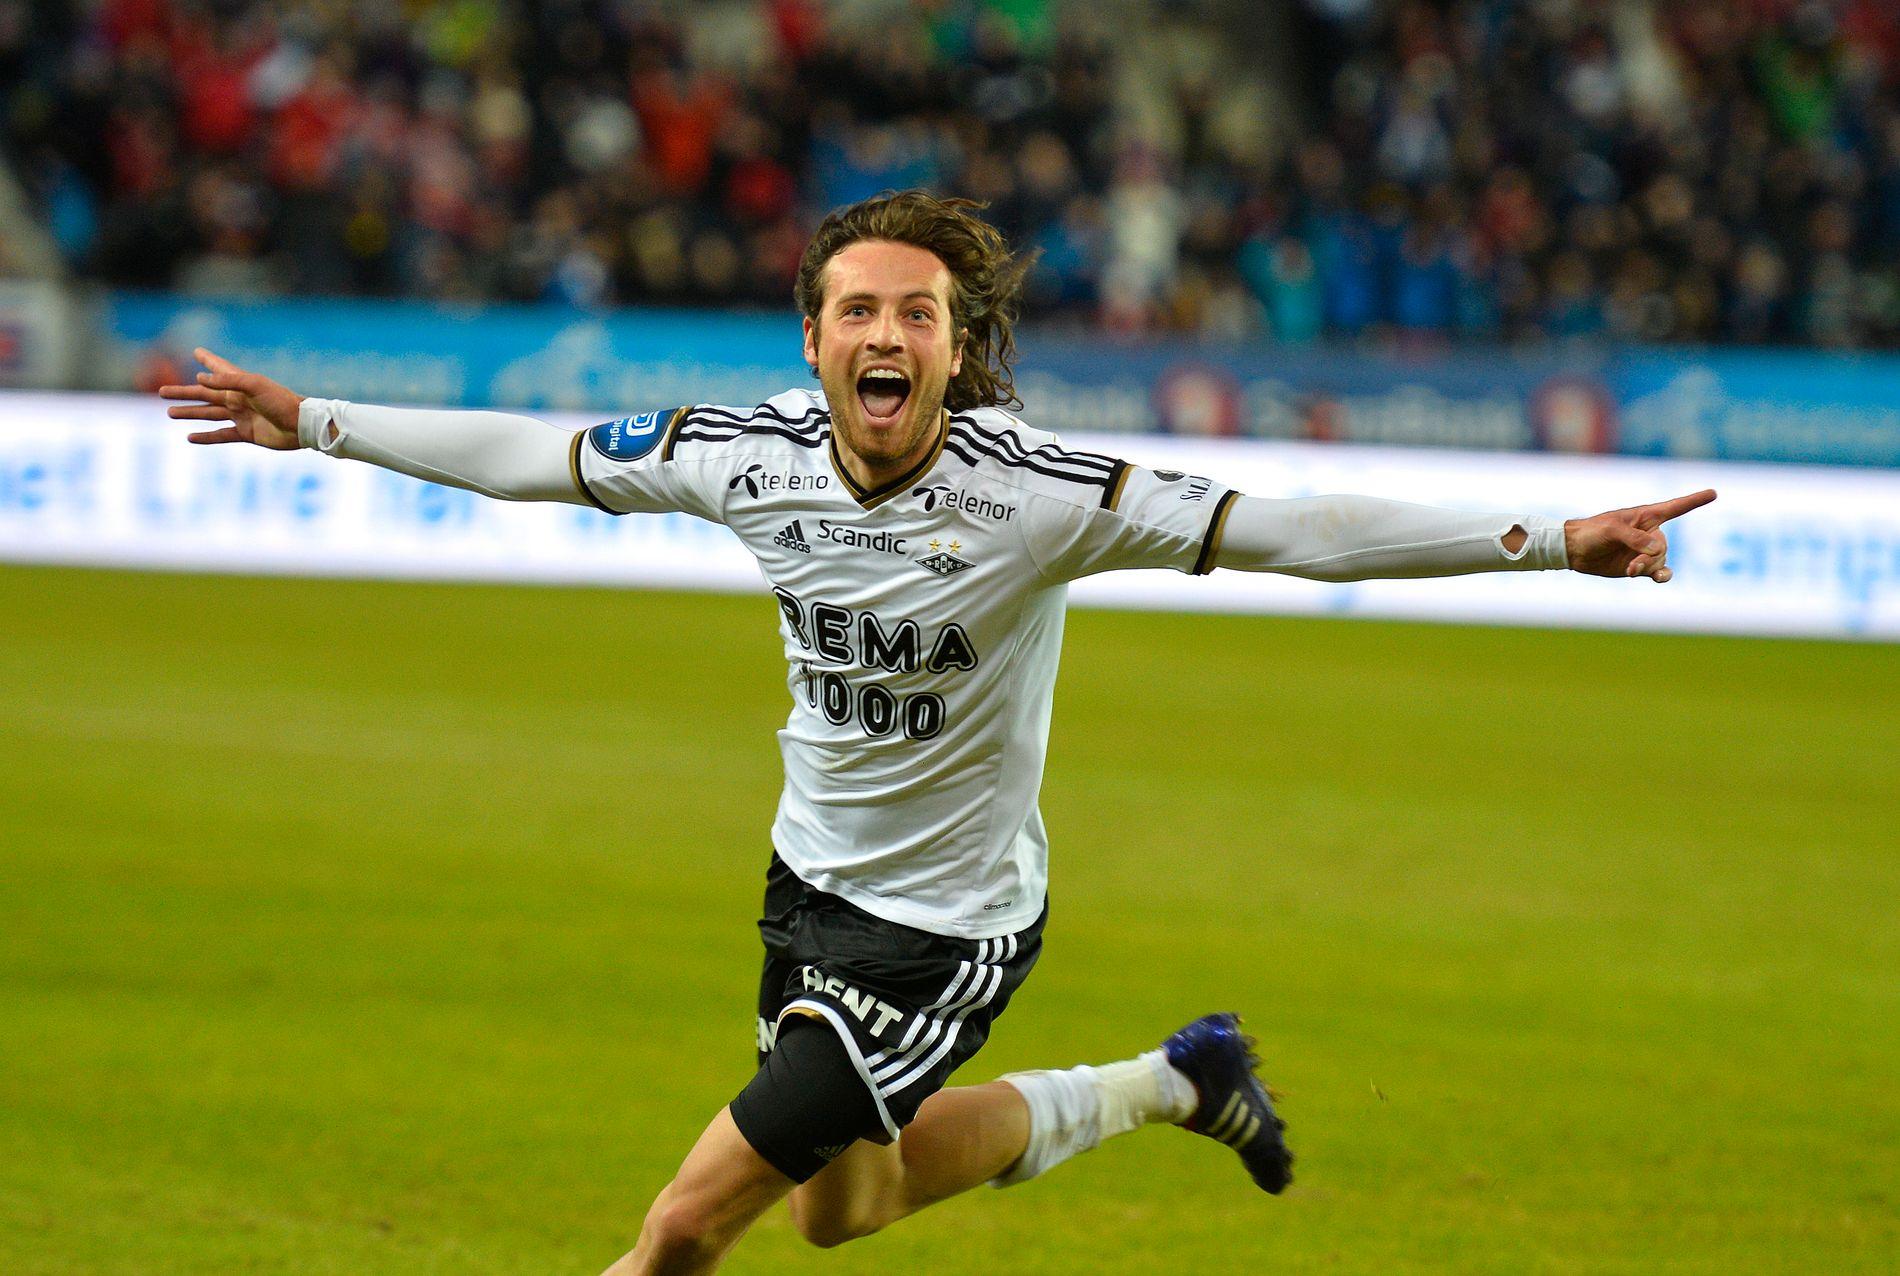 KOM FRA RBK: Kontrakten med Rosenborg hadde gått ut da Diskerud vendte kursen mot amerikansk fotball. I dag er han i Sør-Korea.